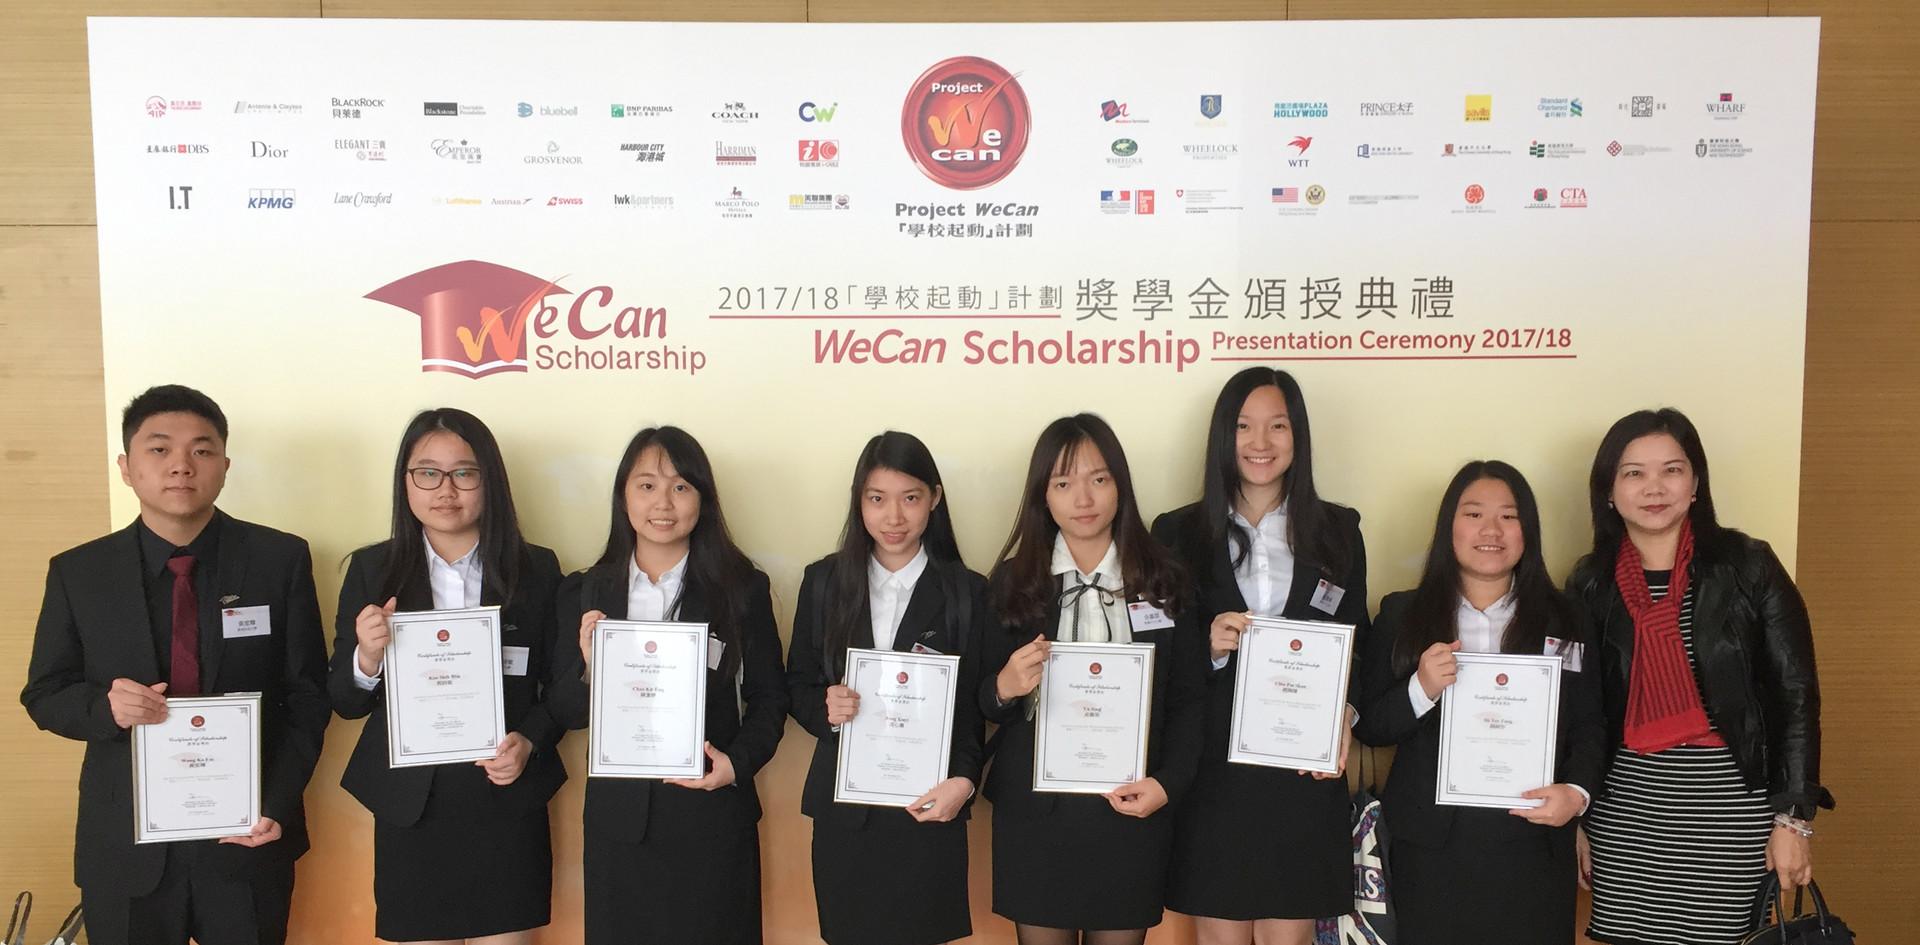 「學校起動」計劃獎學金頒授典禮